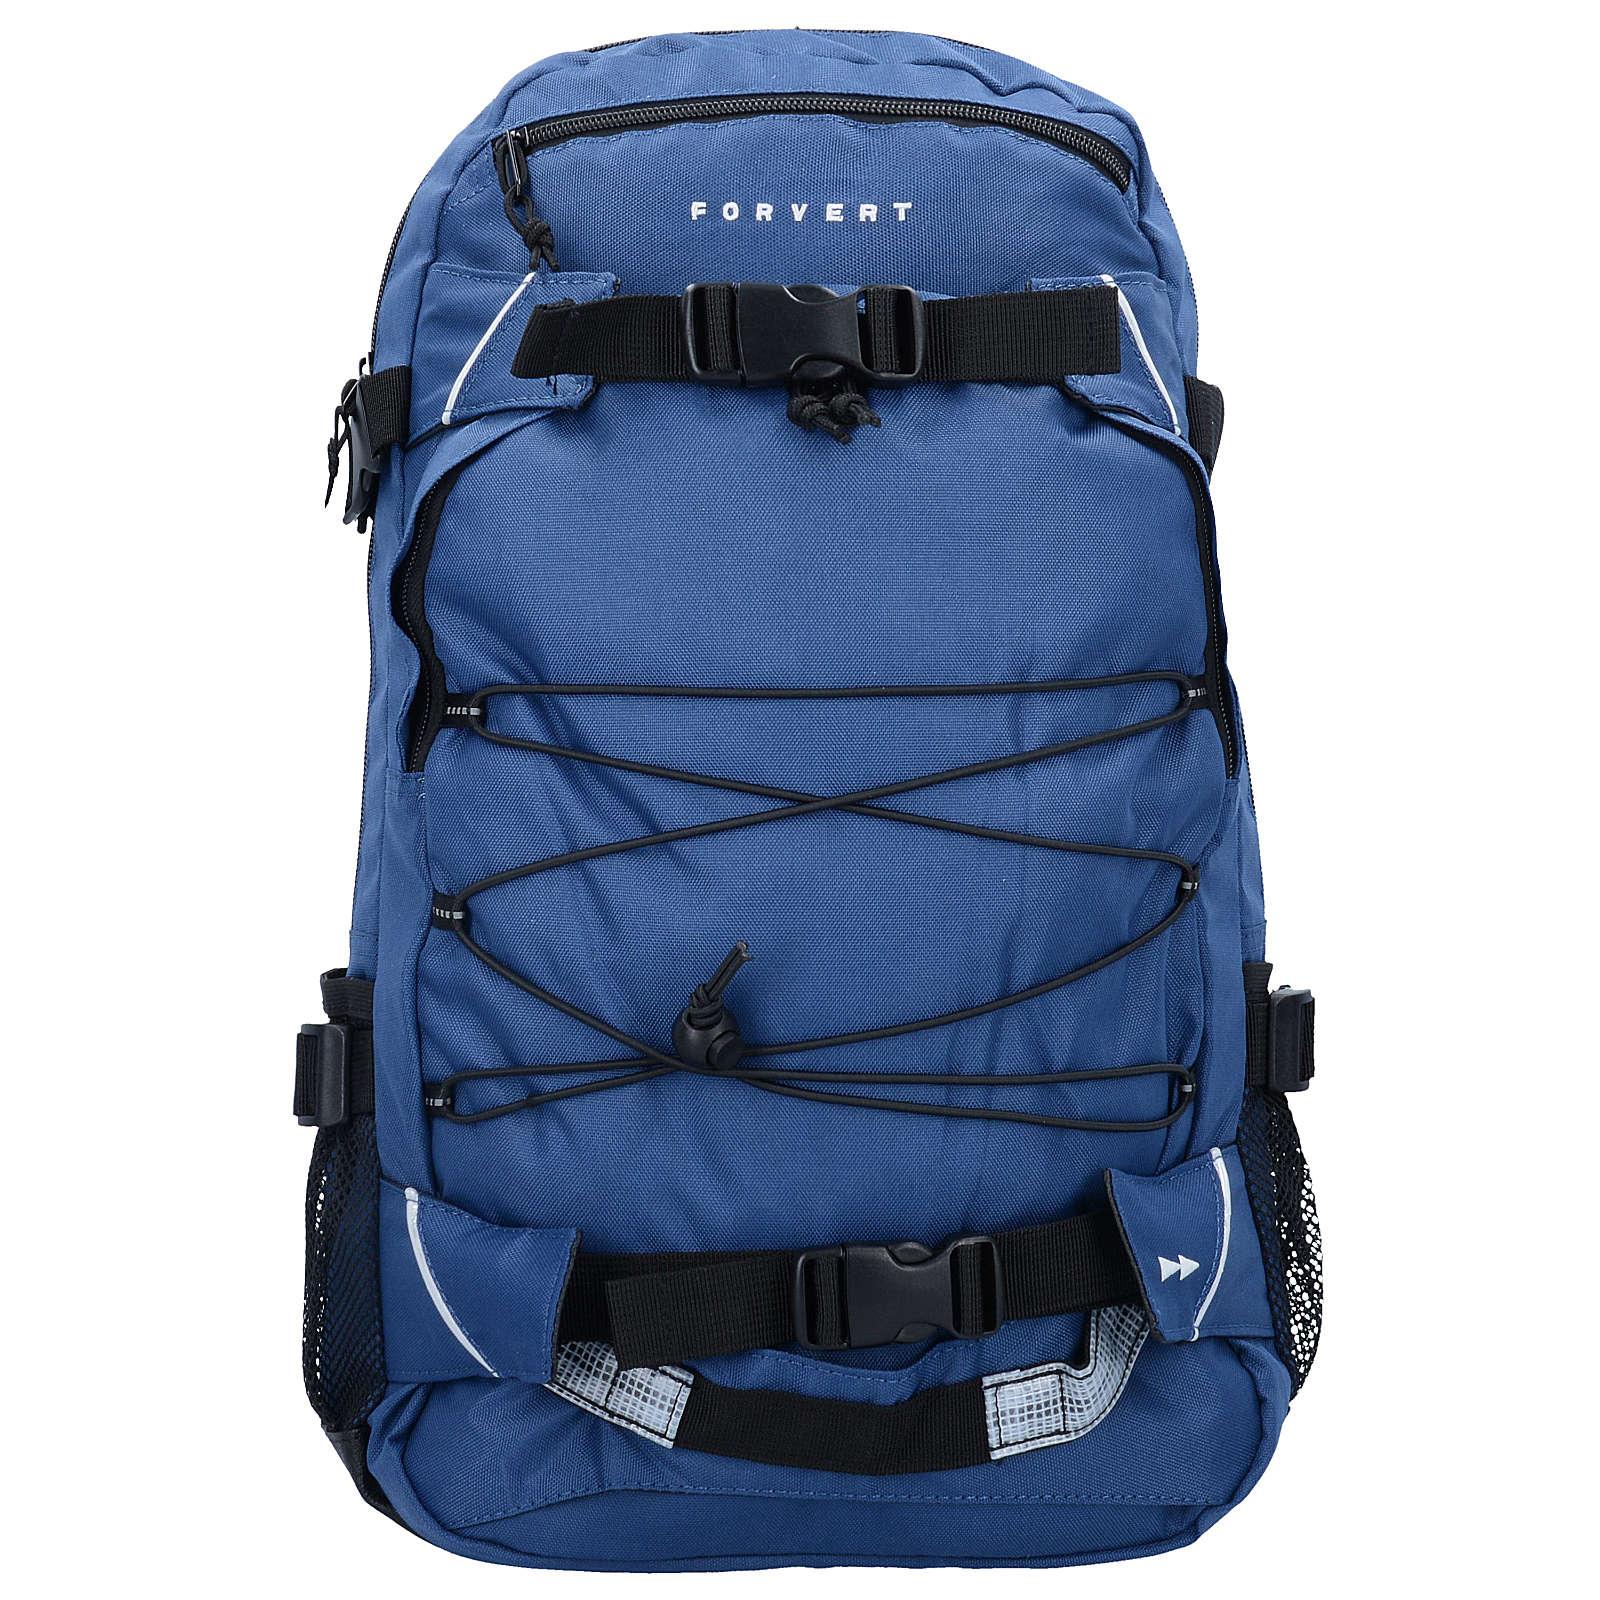 Forvert Backpack Laptop Louis Rucksäcke blau